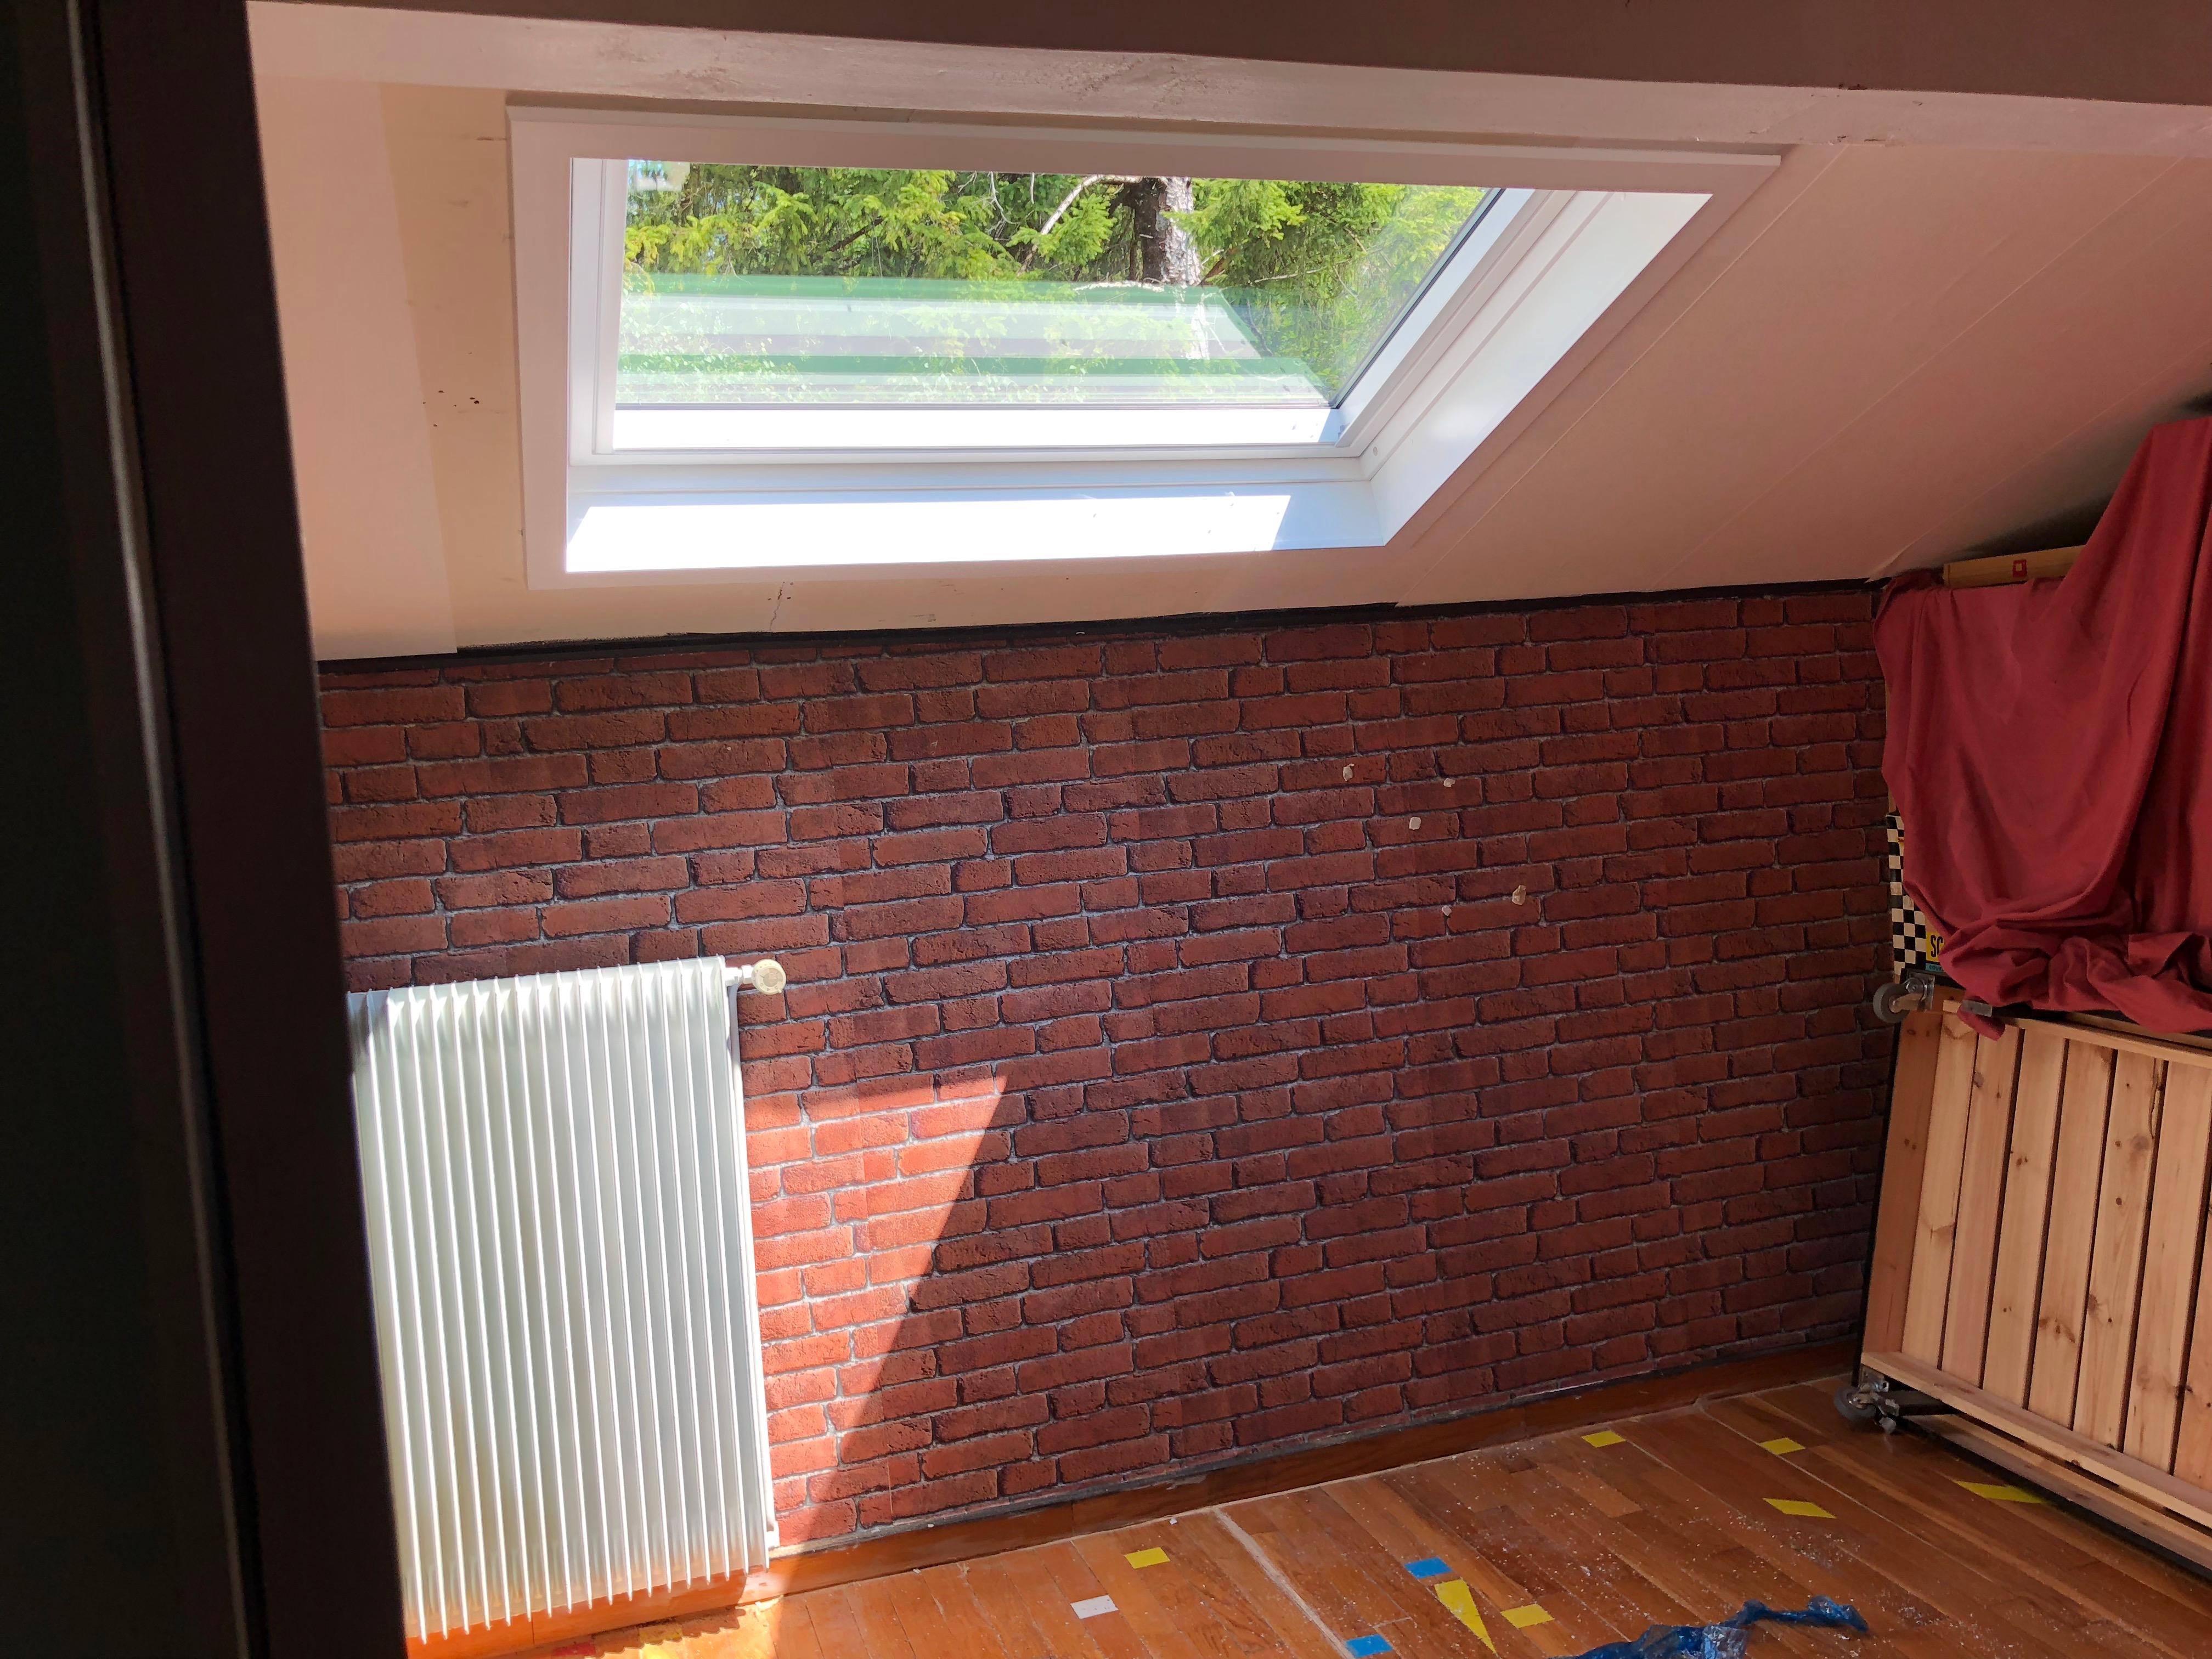 Création et installation d'une fenêtre de toit VELUX à Saint-Julien en Genevois